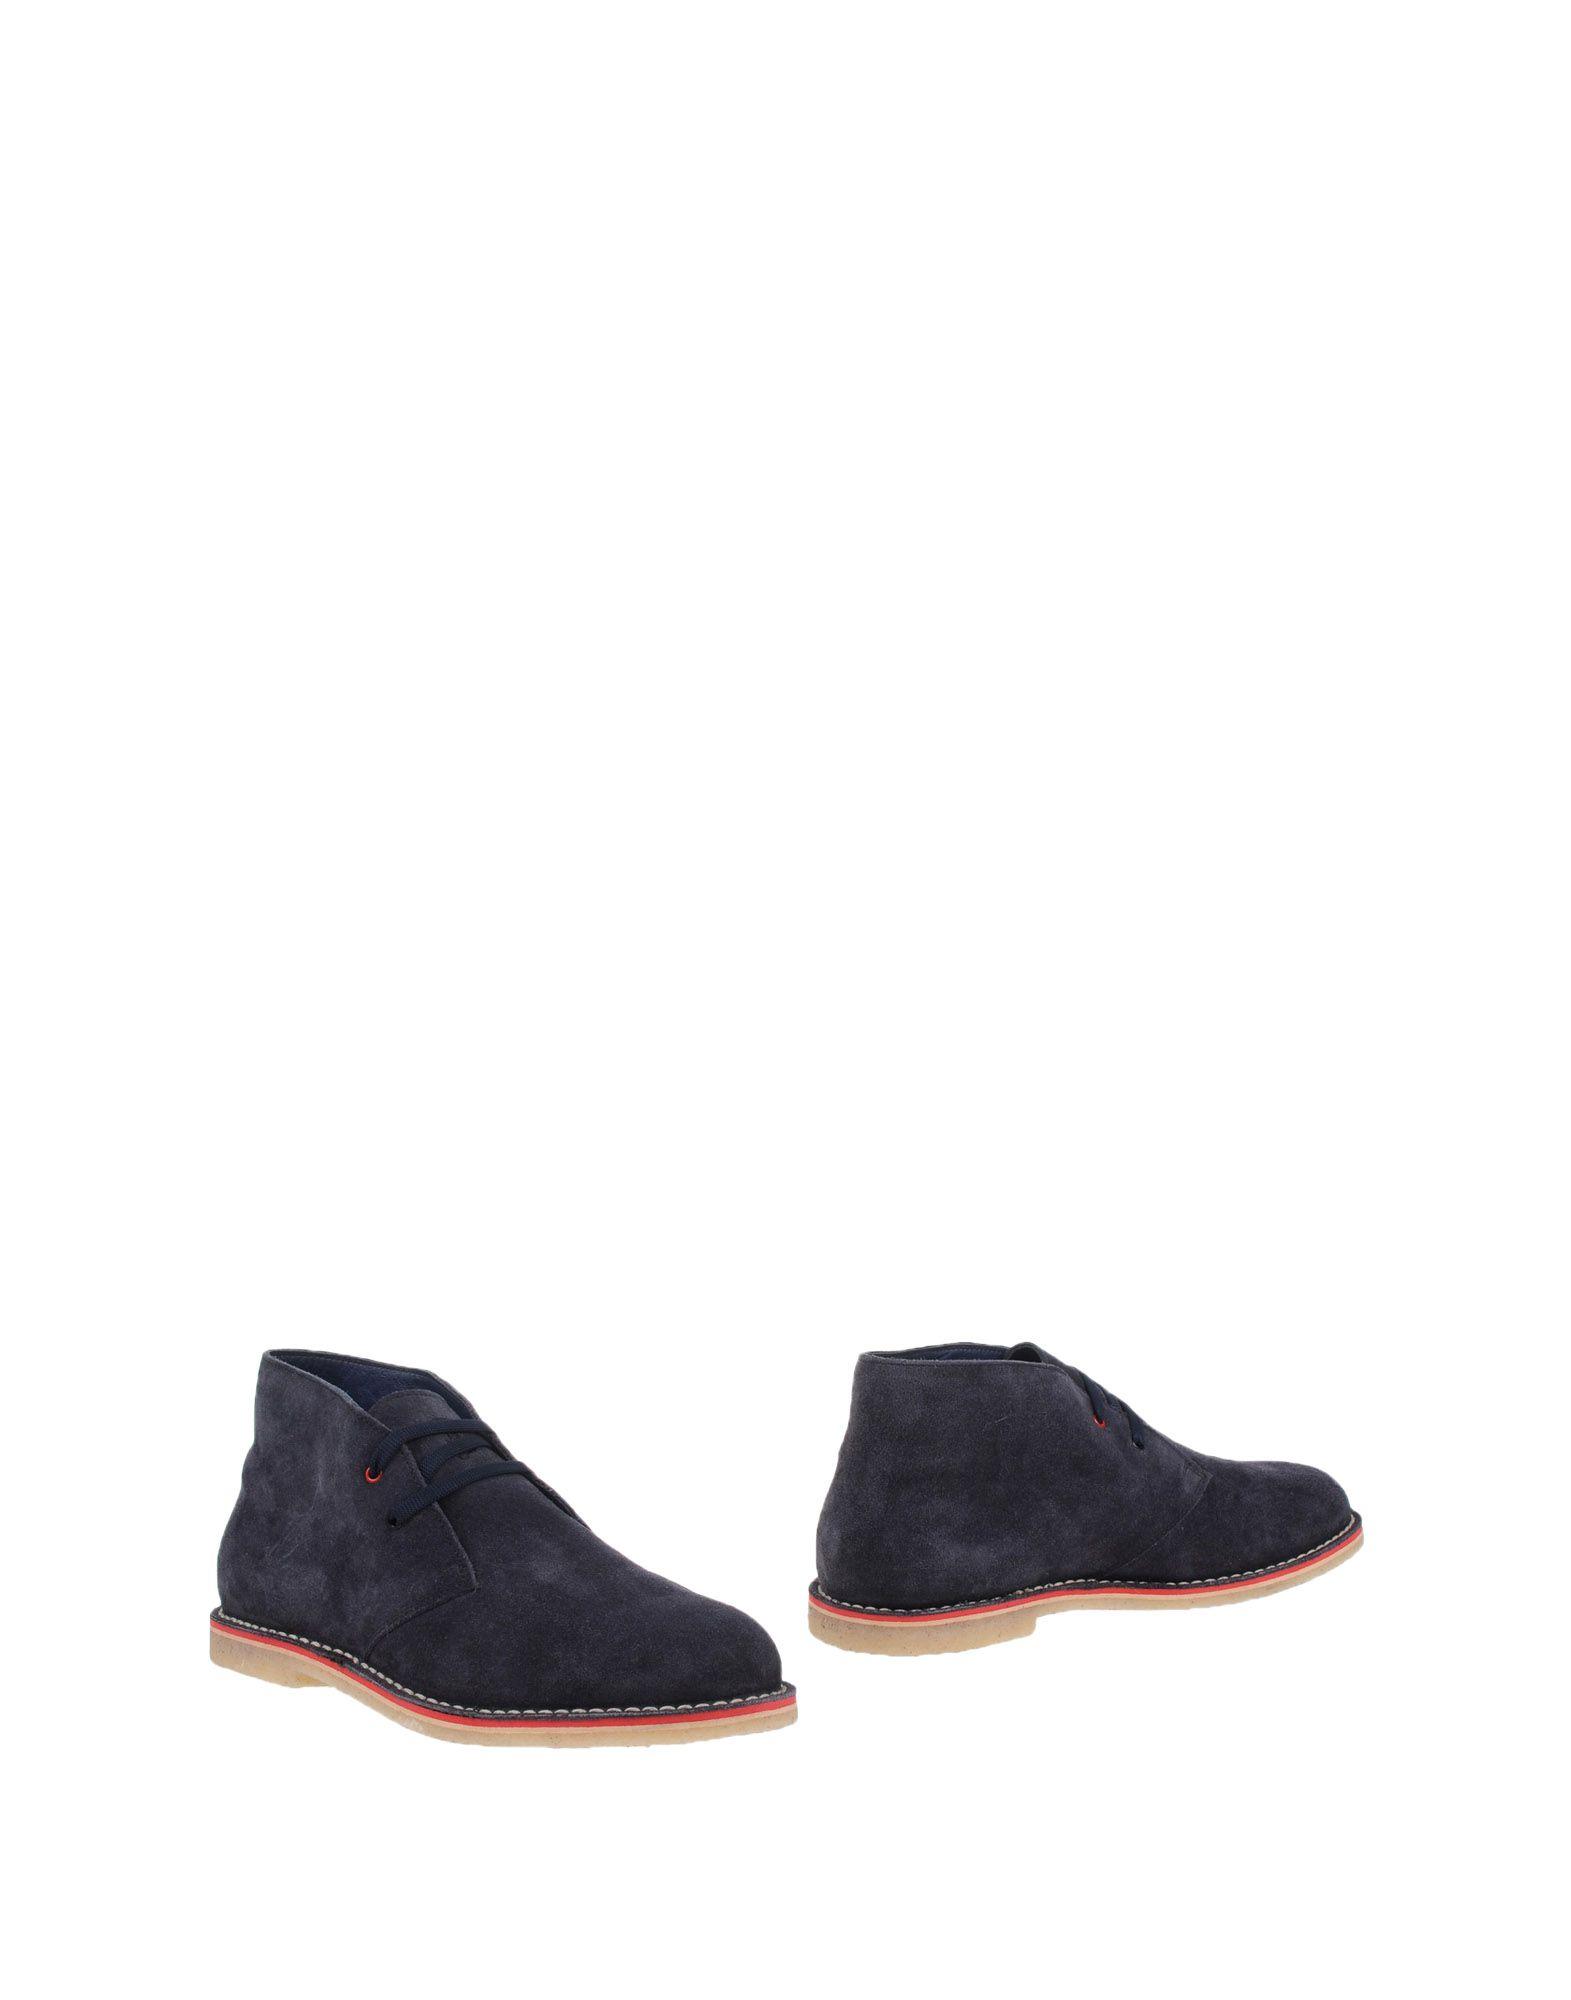 Passion Blanche Gute Stiefelette Herren  11026021PE Gute Blanche Qualität beliebte Schuhe c8e63f